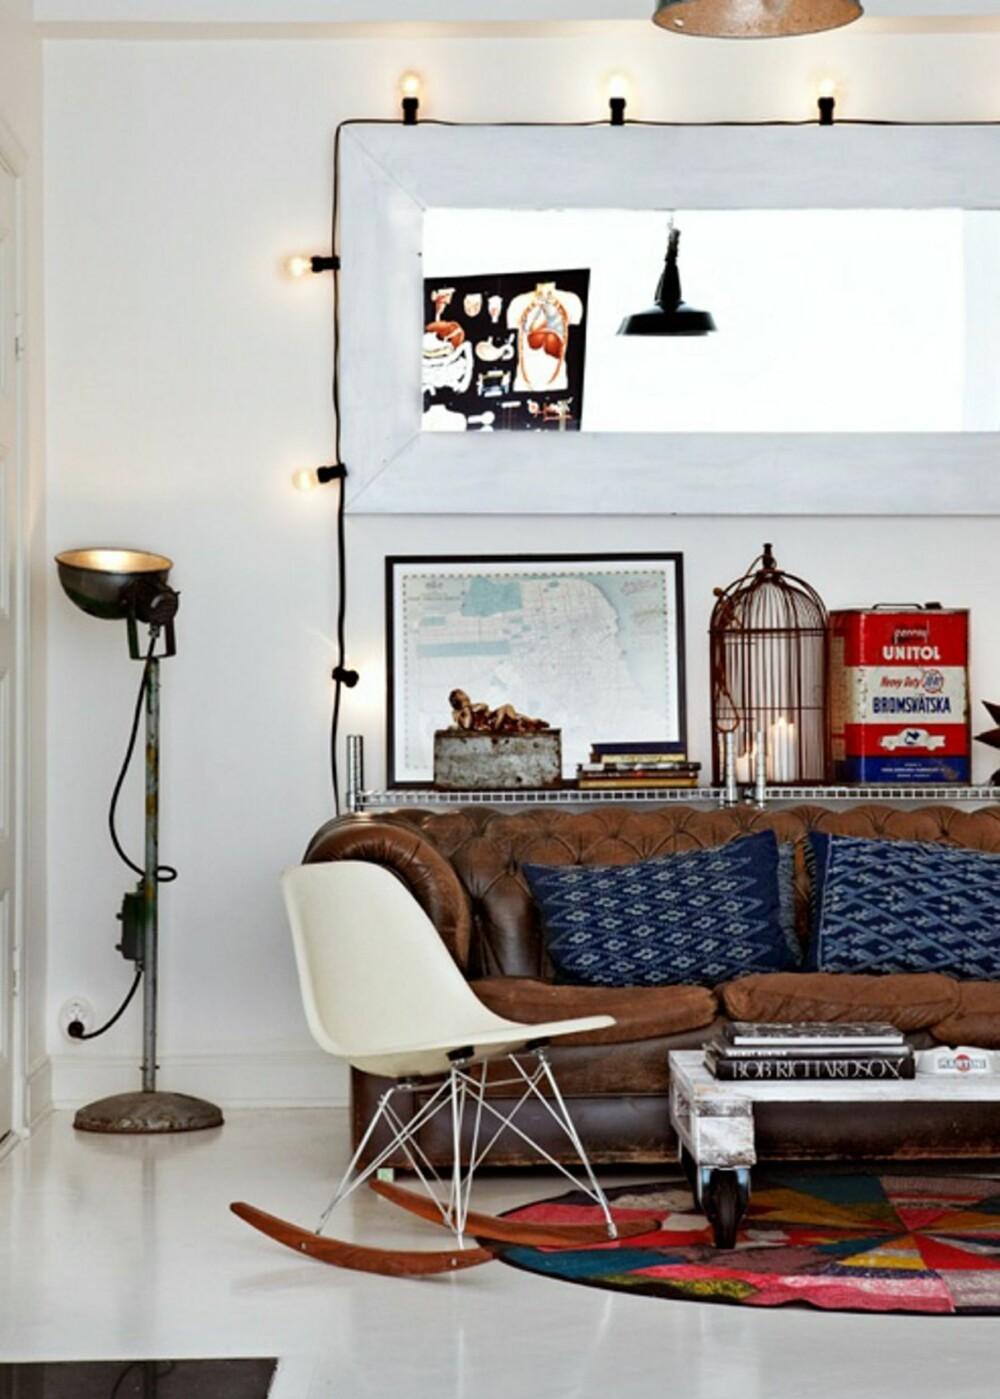 KLASSIKER: I stuen har beboerne en frodig miks av møbler og midt på gulvet står den klassiske Eames gyngestolen.